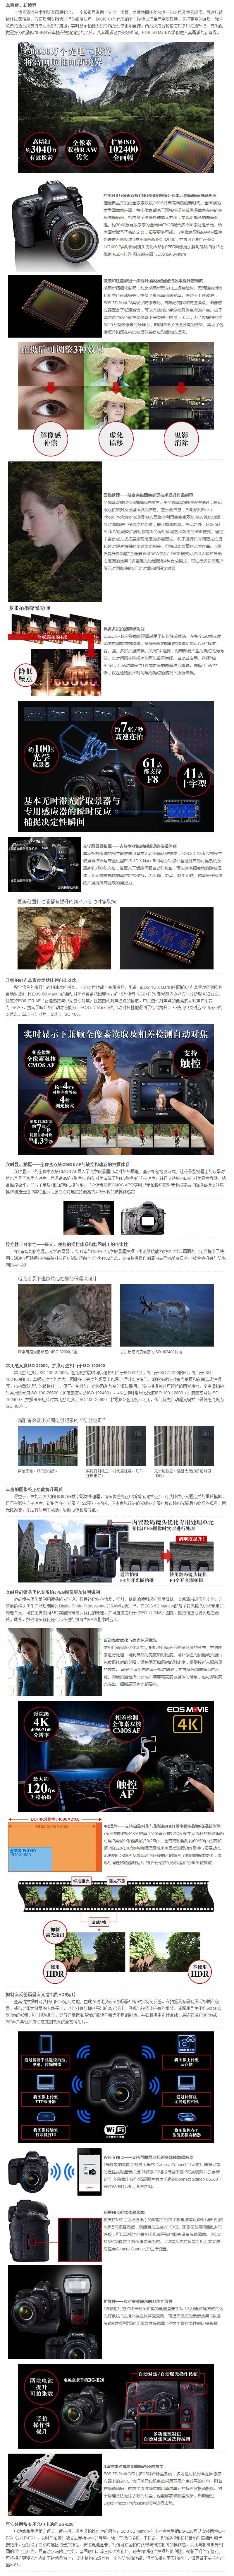 佳能 EOS 5D Mark LV单反套机(EF25-105 mm/4l IS II USM)全画幅3040万像素 61点对焦1